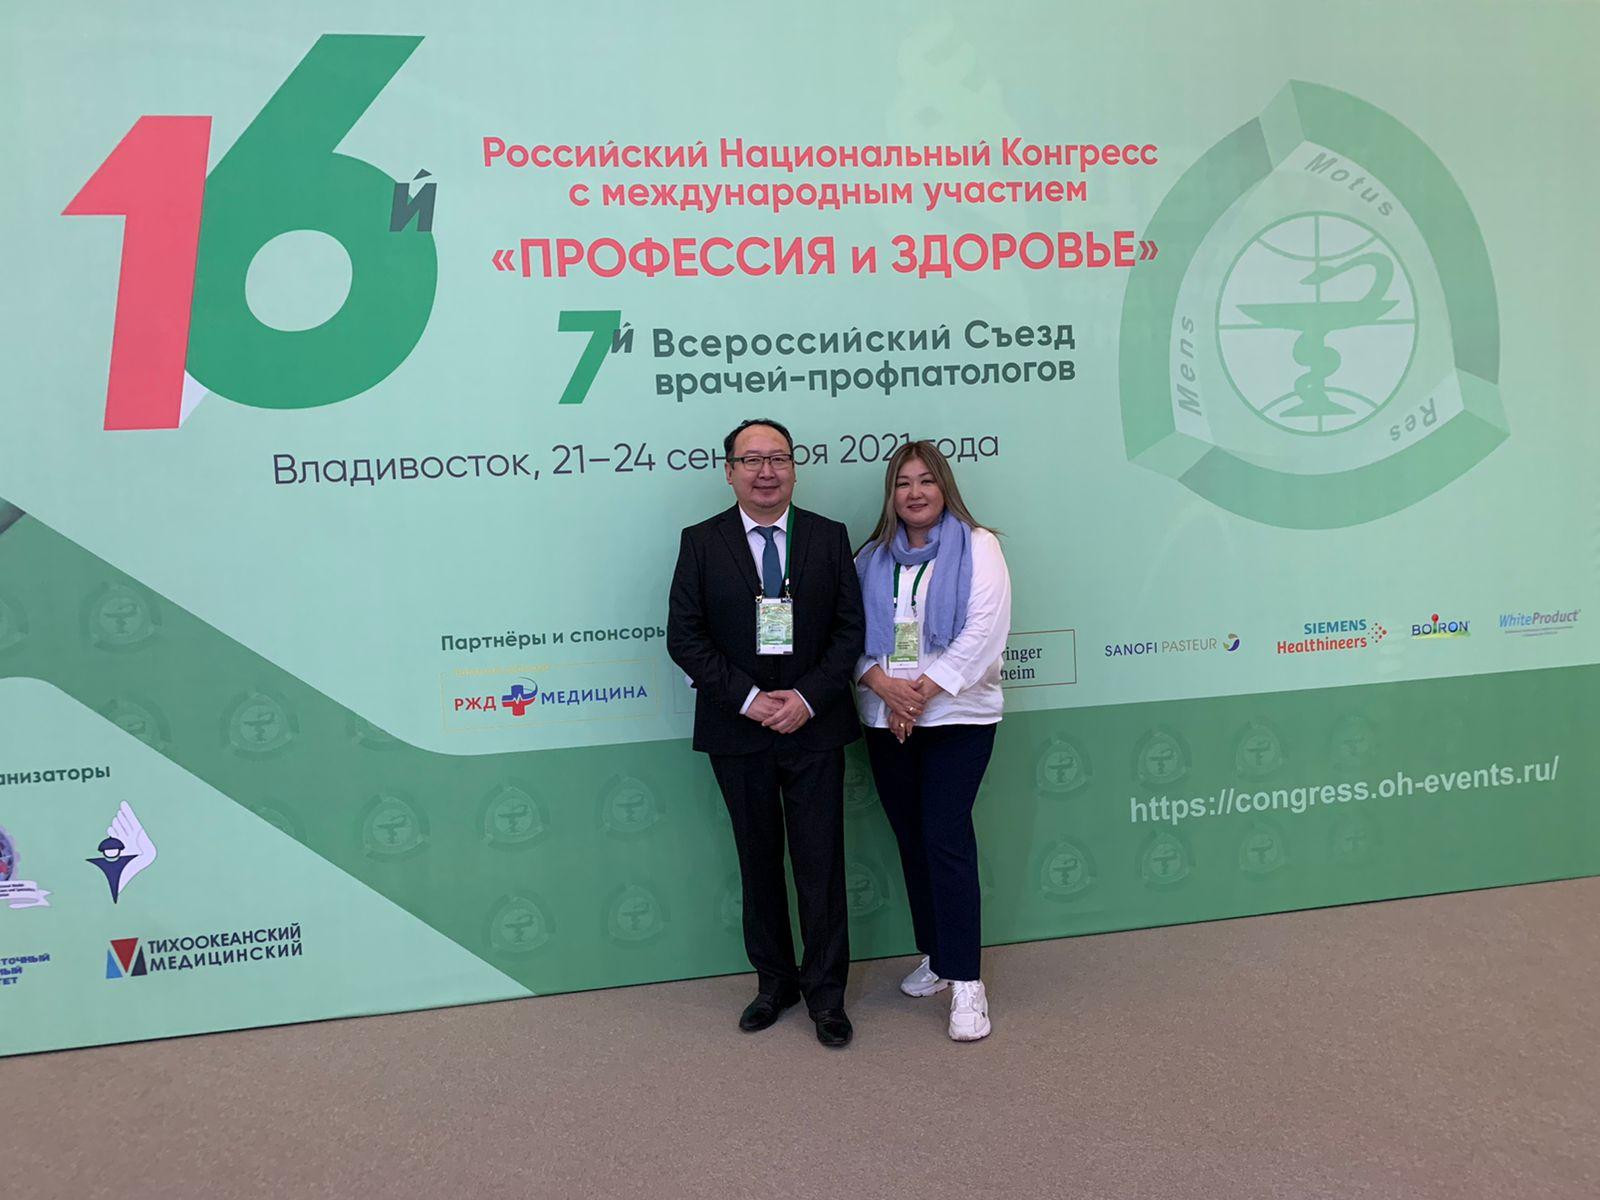 Профпатологи Якутии принимают участие в международном конгрессе «ПРОФЕССИЯ и ЗДОРОВЬЕ»